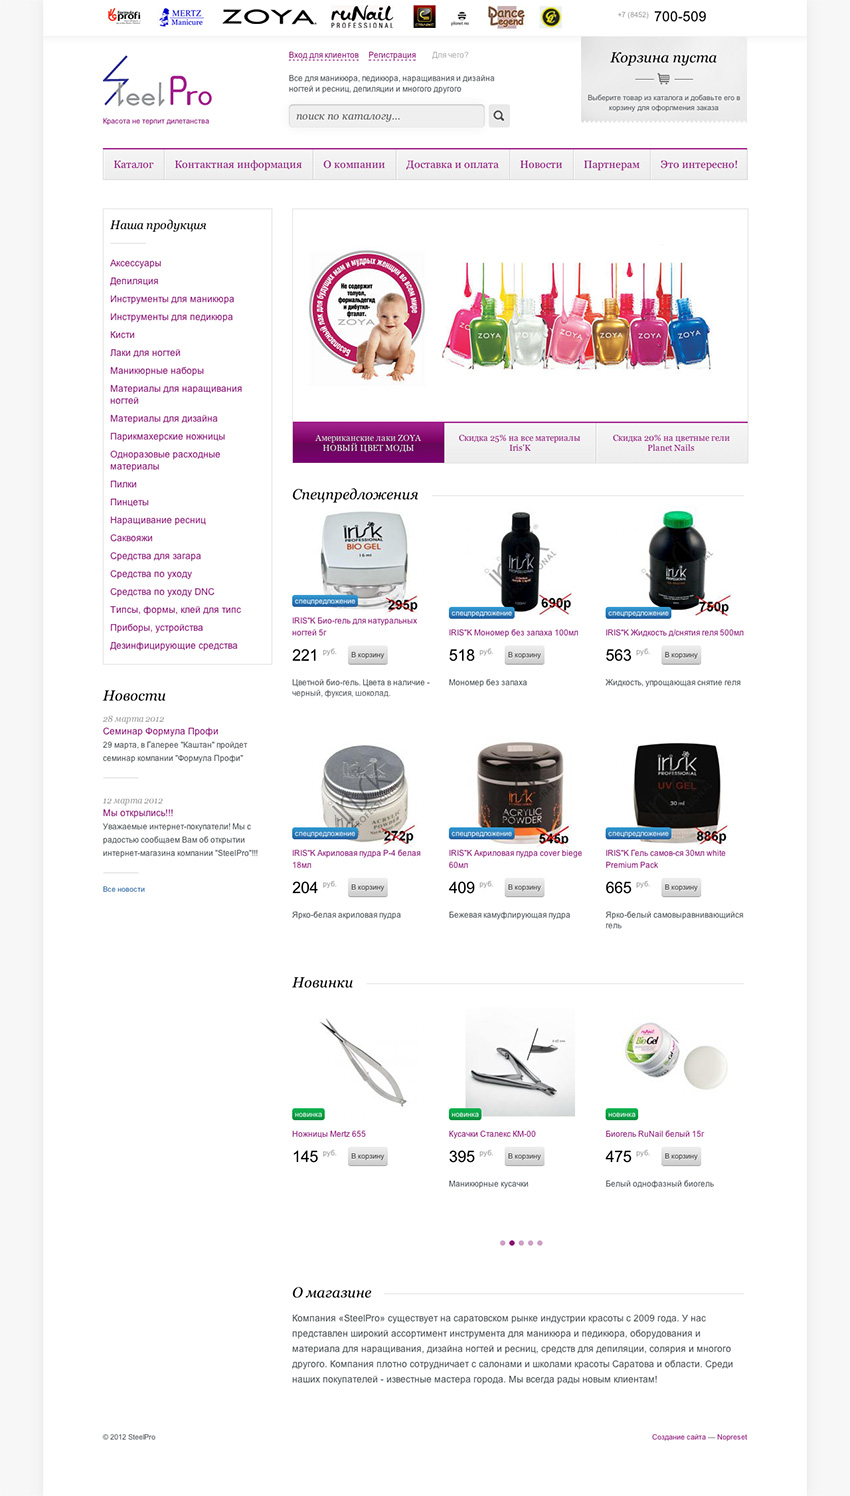 Интернет-магазин — маникюр, педикюр, наращивание ногтей и ресниц SteelPro в Саратове